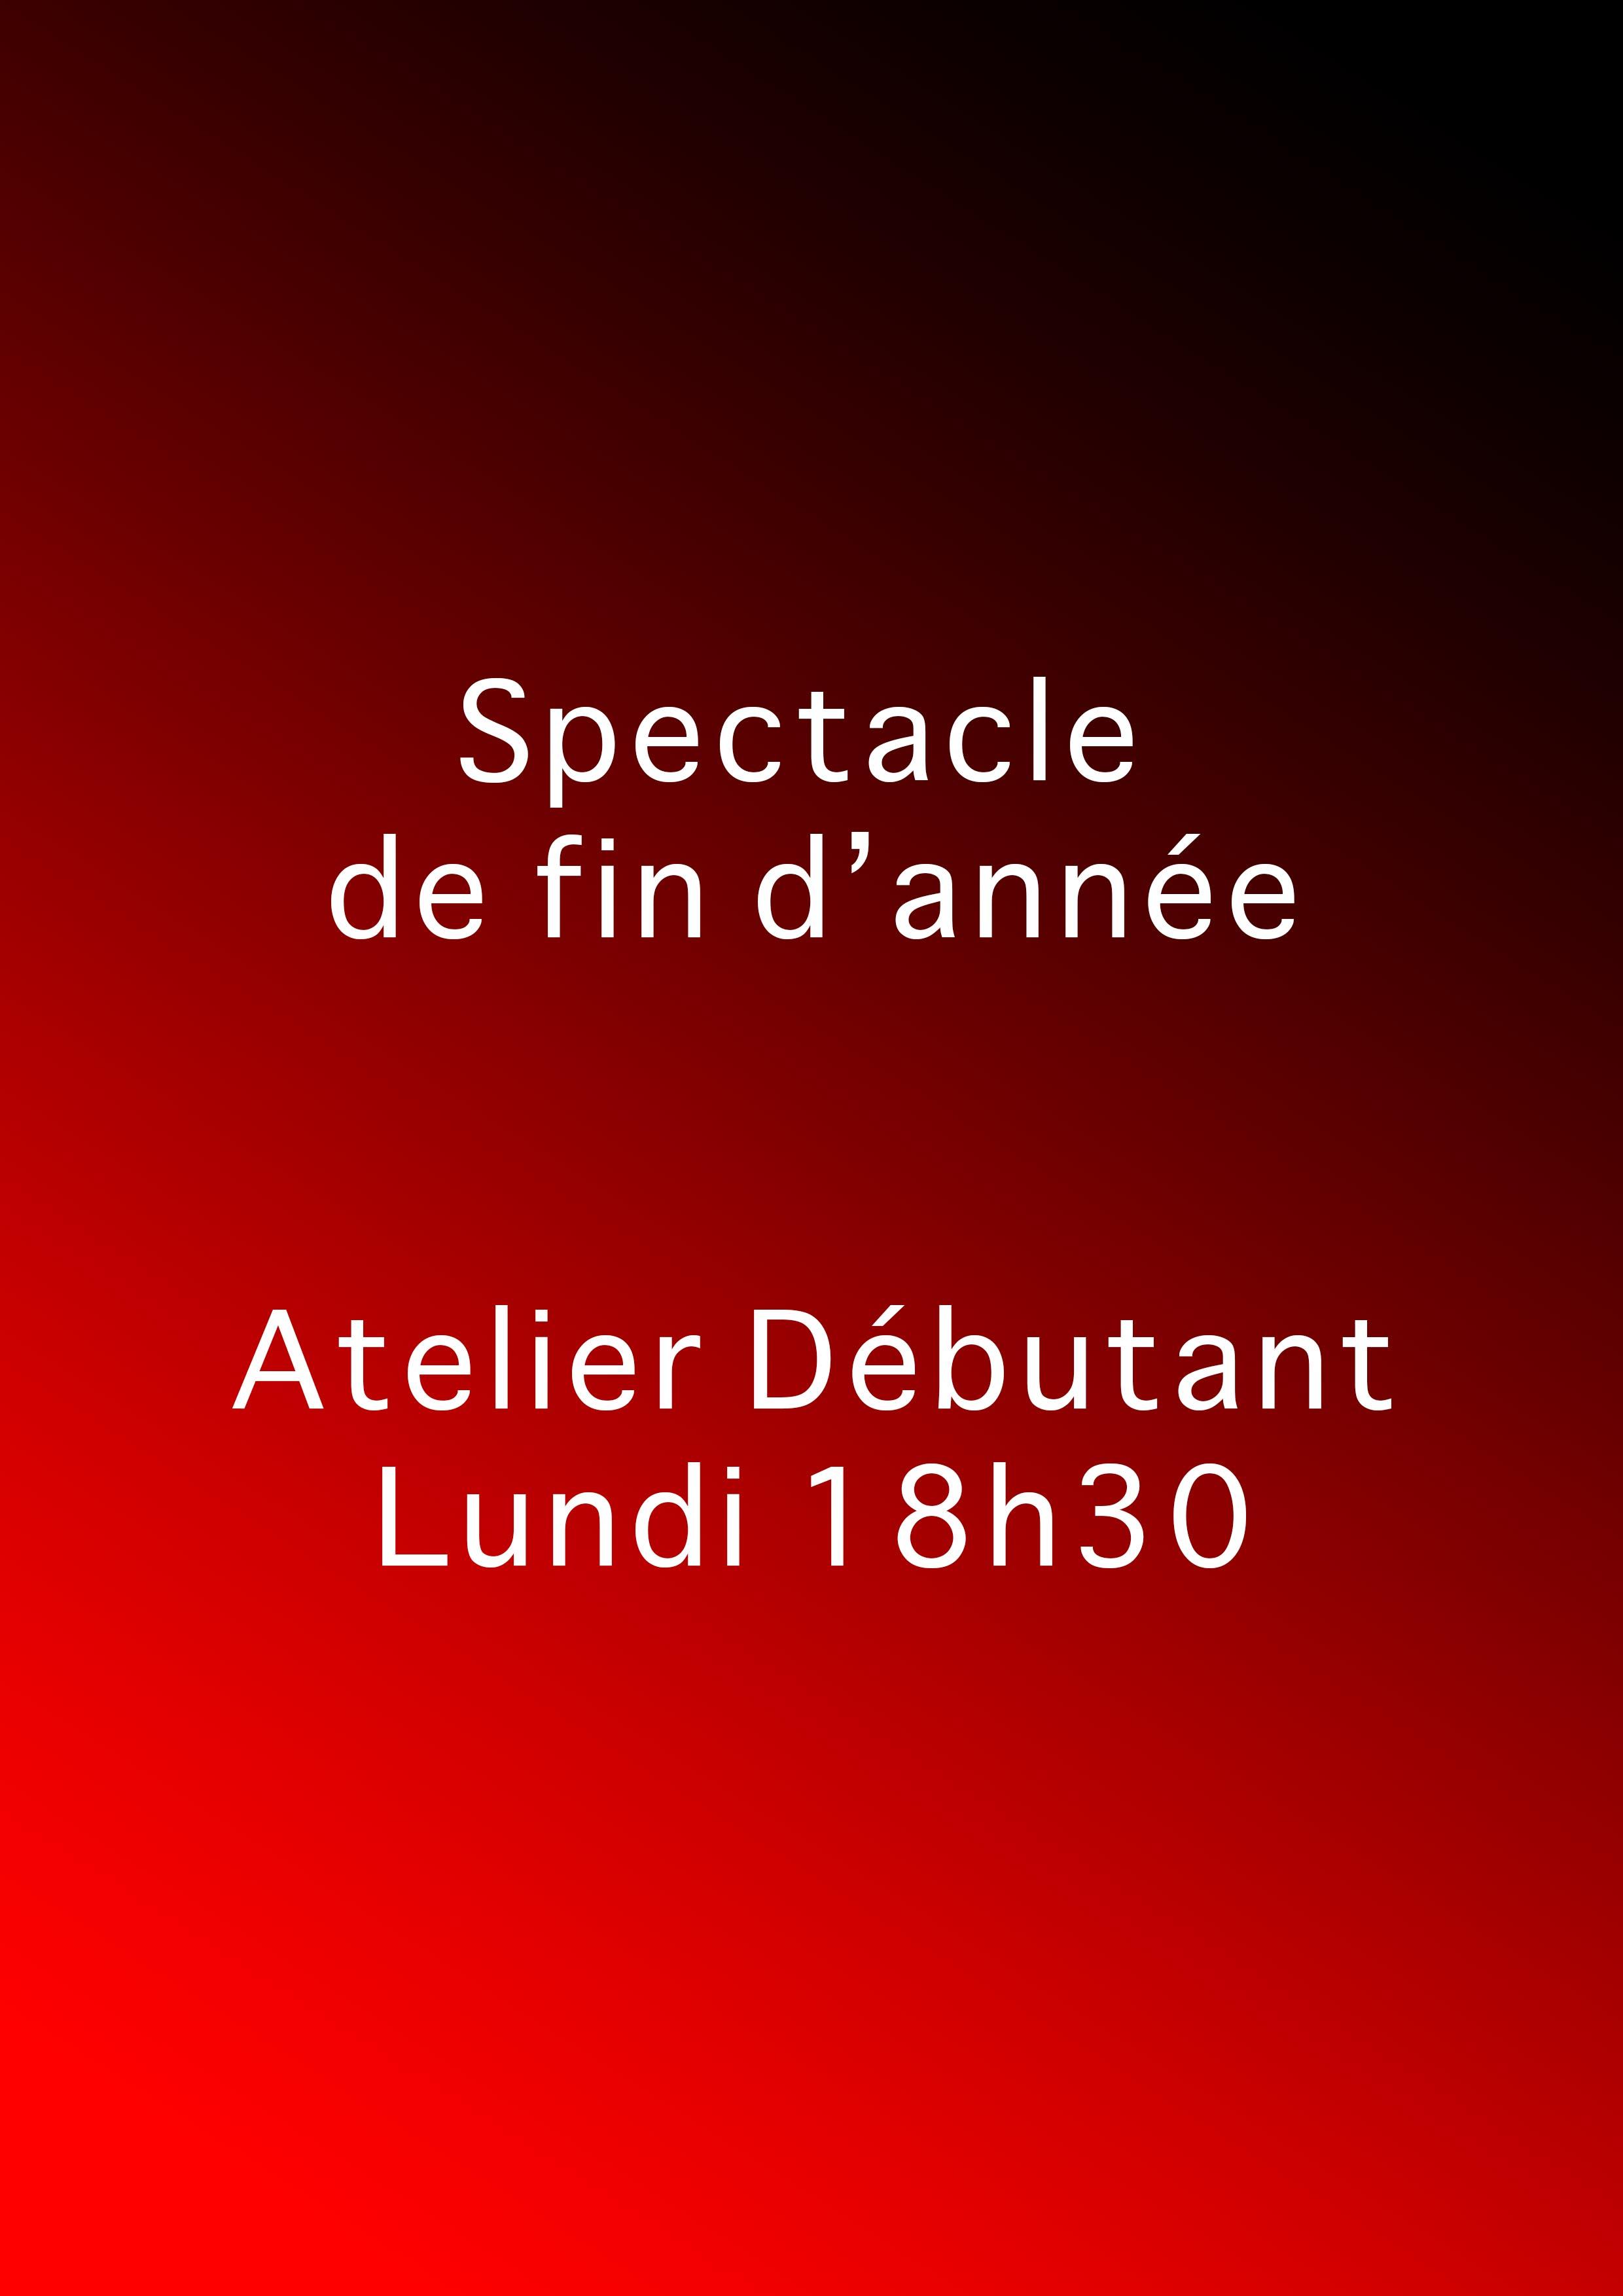 Debutant Lundi - Atelier Théâtre - Marseille - L'Art Dû